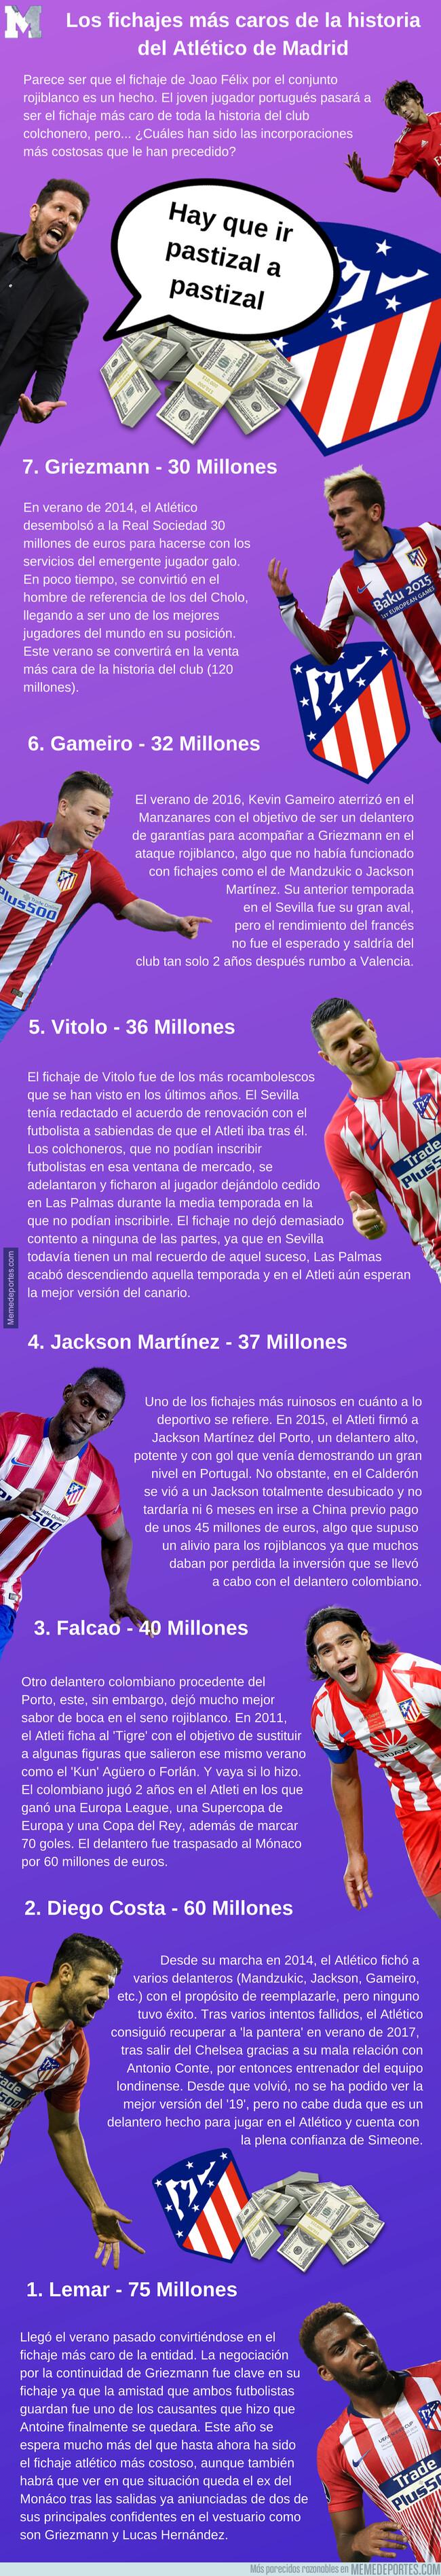 1078688 - Los fichajes más caros de la historia del Atlético de Madrid